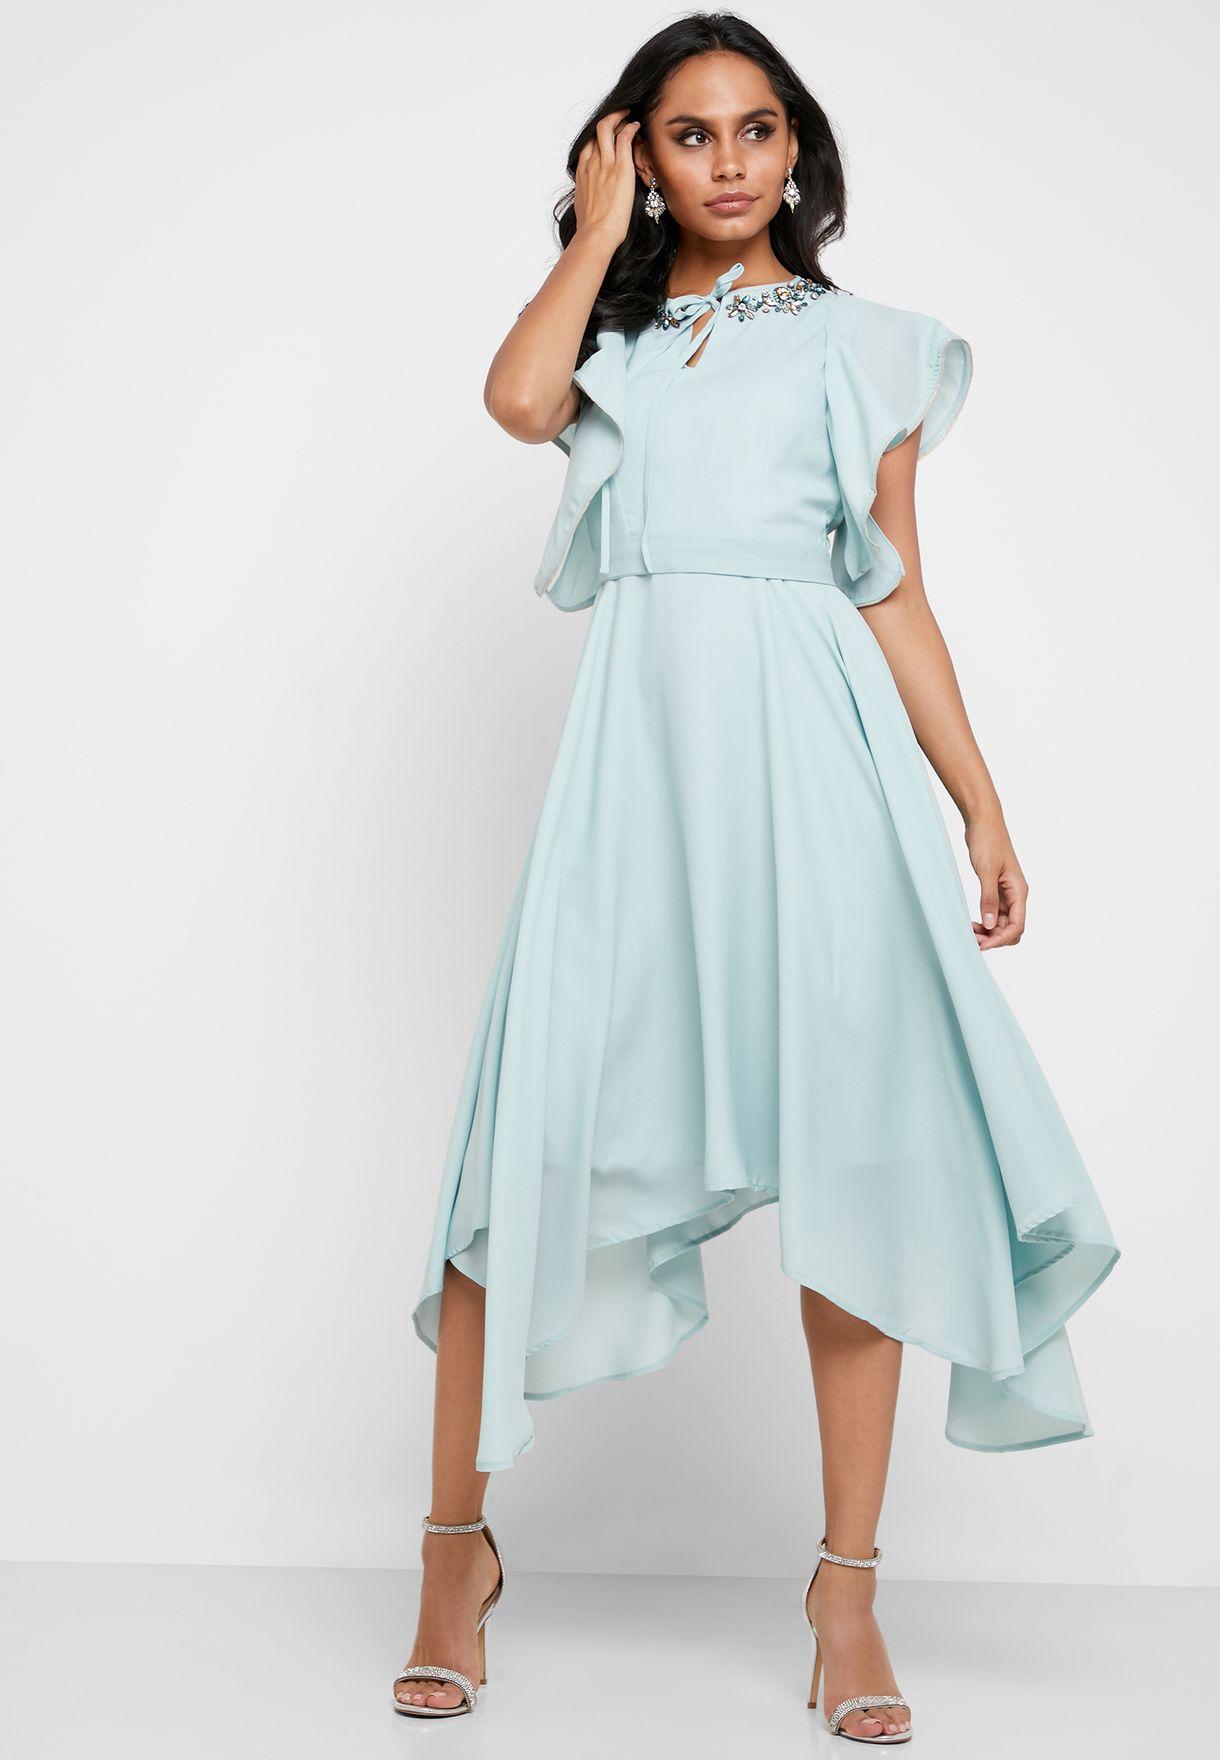 Ruffle Sleeve Embellished Dress